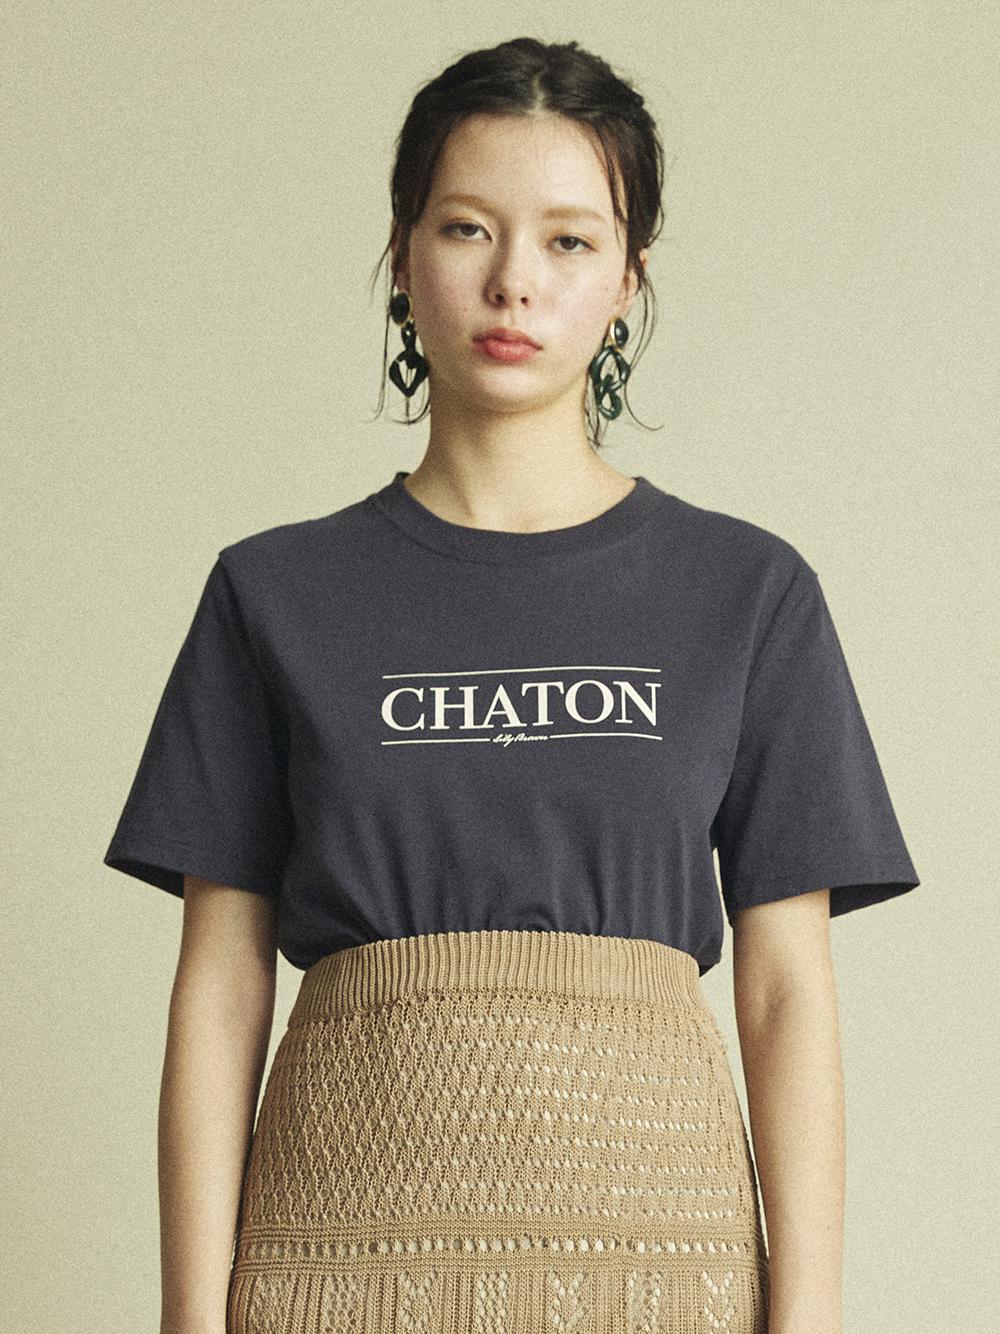 CHATONプリントTシャツ(NVY-F)